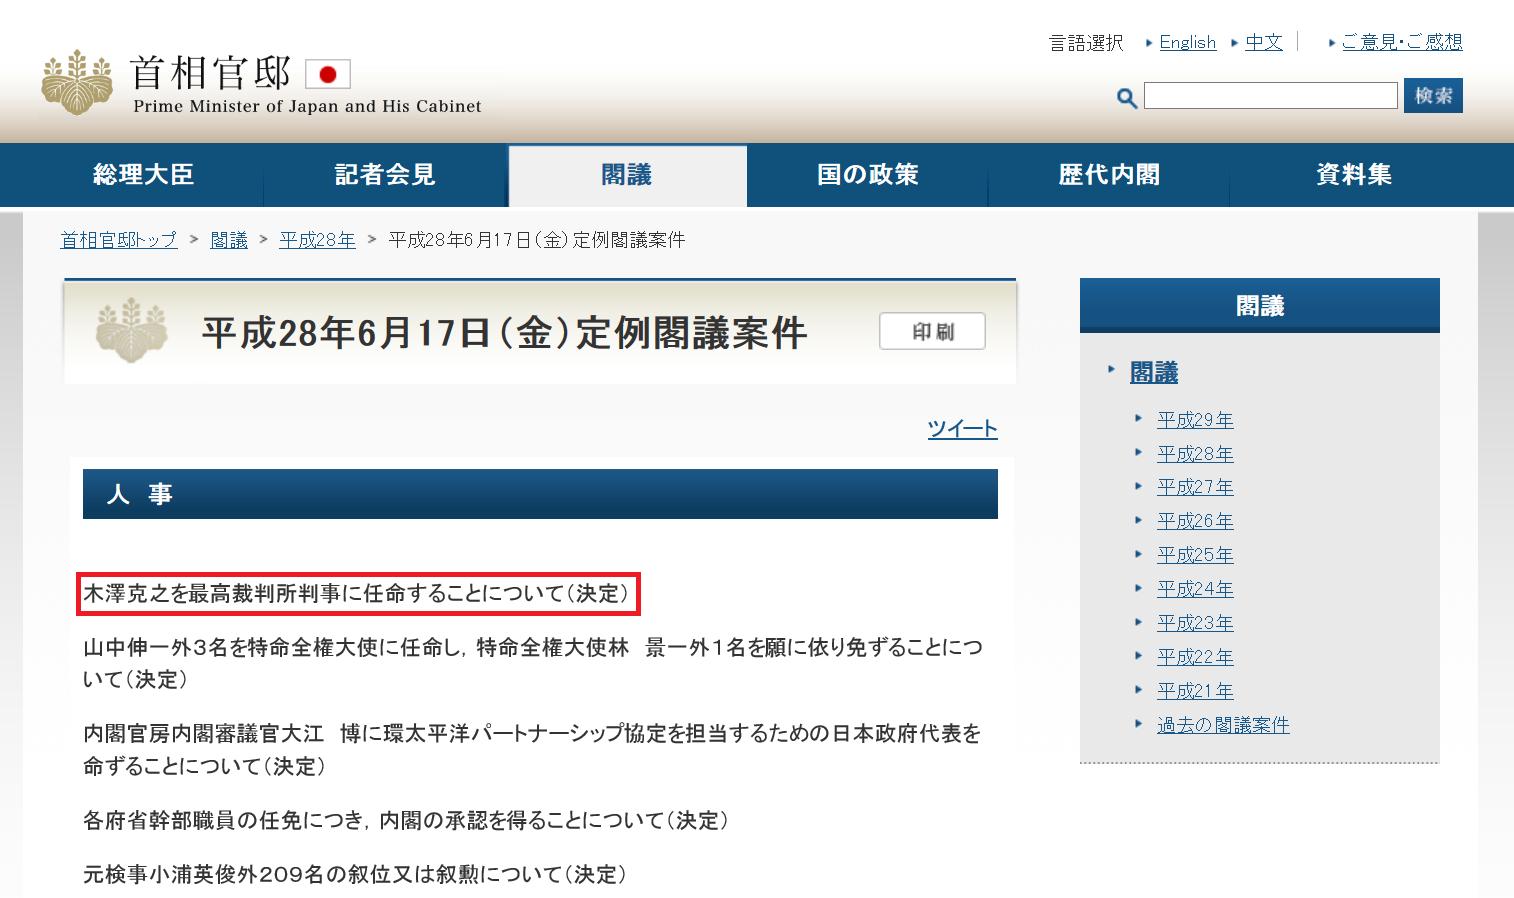 2016年6月17日に安倍晋三内閣が木澤克之弁護士を最高裁判所の判事…つまり裁判官に任命することを閣議決定